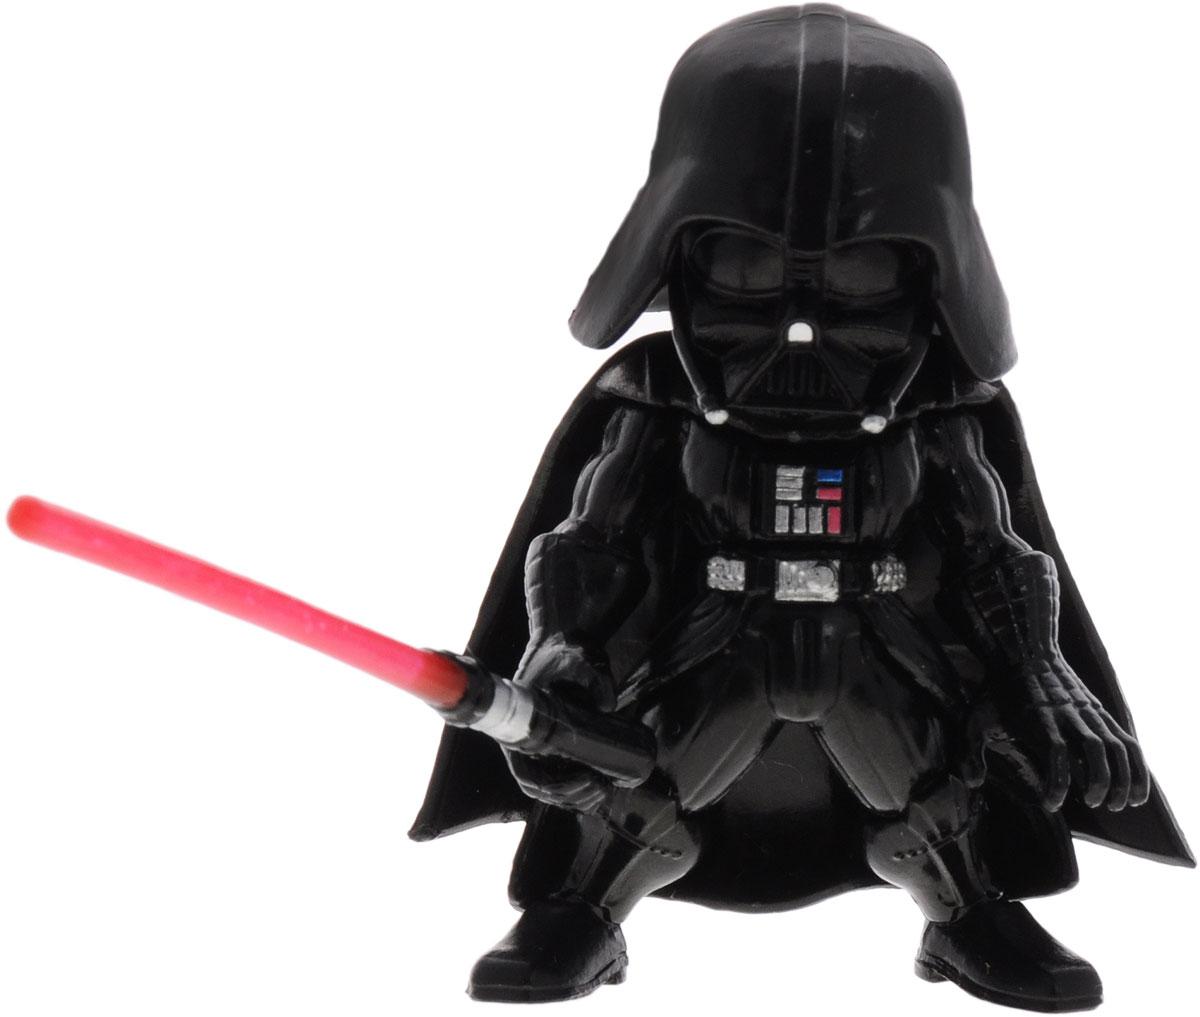 Star Wars Фигурка Дарт Вейдер84626Сборная фигурка Star Wars Дарт Вейдер поможет вам и вашему ребенку придумать увлекательное занятие на долгое время. Модель представляет Главнокомандующего силами Империи, Черного Лорда Сикхов - Дарт Вейдера в характерных черных доспехах и шлеме. Фигурка имеет подвижные руки и ноги и вооружена красным световым мечом. Благодаря небольшому размеру ( 5,5 см. в высоту) и хорошей деталировке она прекрасно подходит и для игры, и для коллекционирования на полке. Как и вся продукция фирмы Bandai, модель выполнена из качественных материалов и лицензирована фирмами правообладателями, что гарантирует ее высокое качество и аутентичность. Процесс сборки развивает интеллектуальные и инструментальные способности, воображение и конструктивное мышление, а также прививает практические навыки работы со схемами и чертежами.